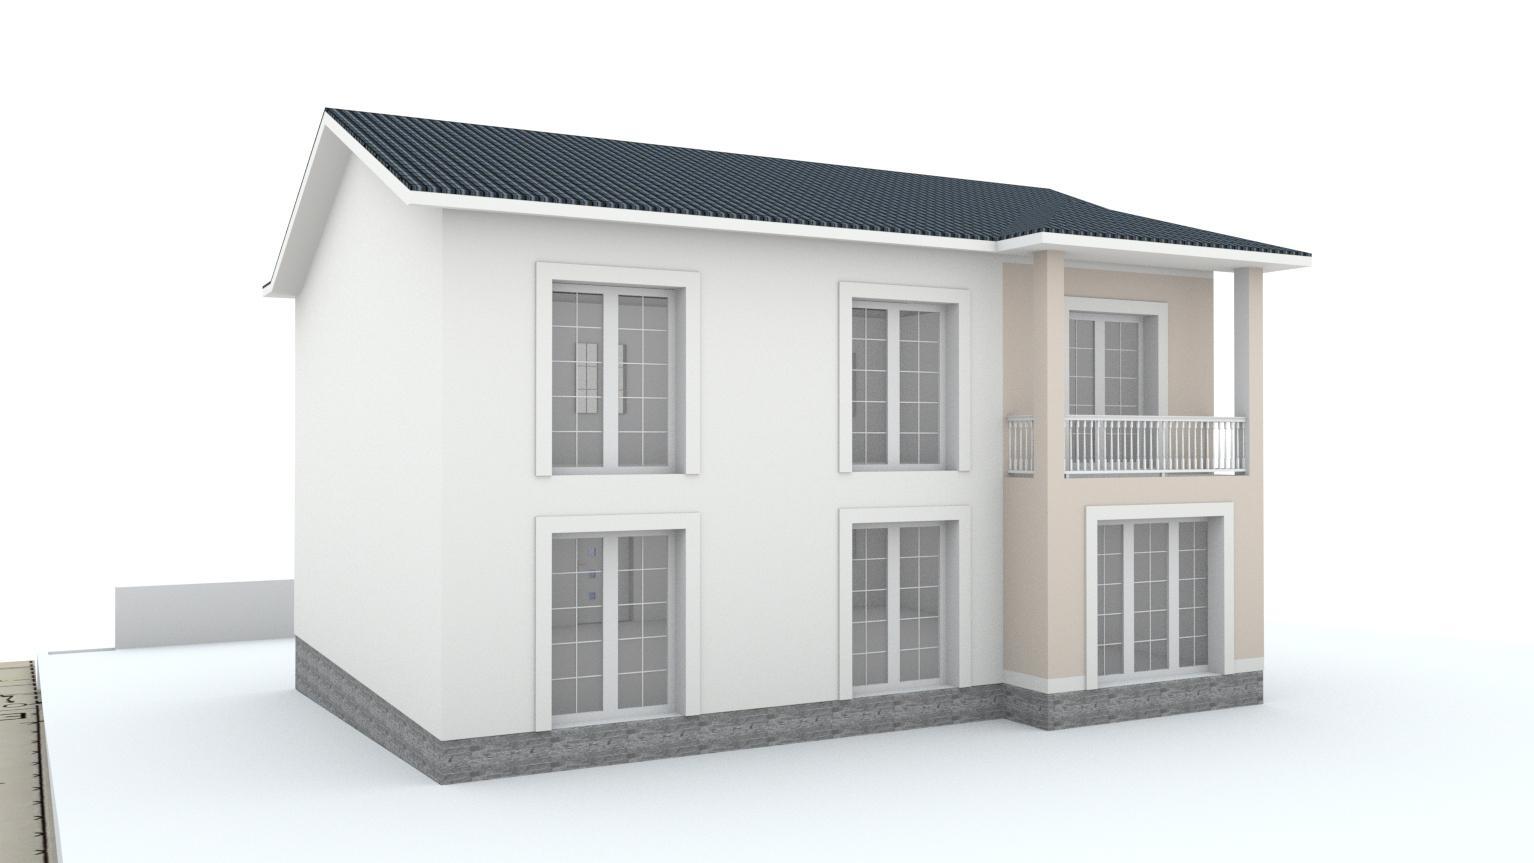 Návrh fasády rodinného domu Bratislava - Obrázok č. 10